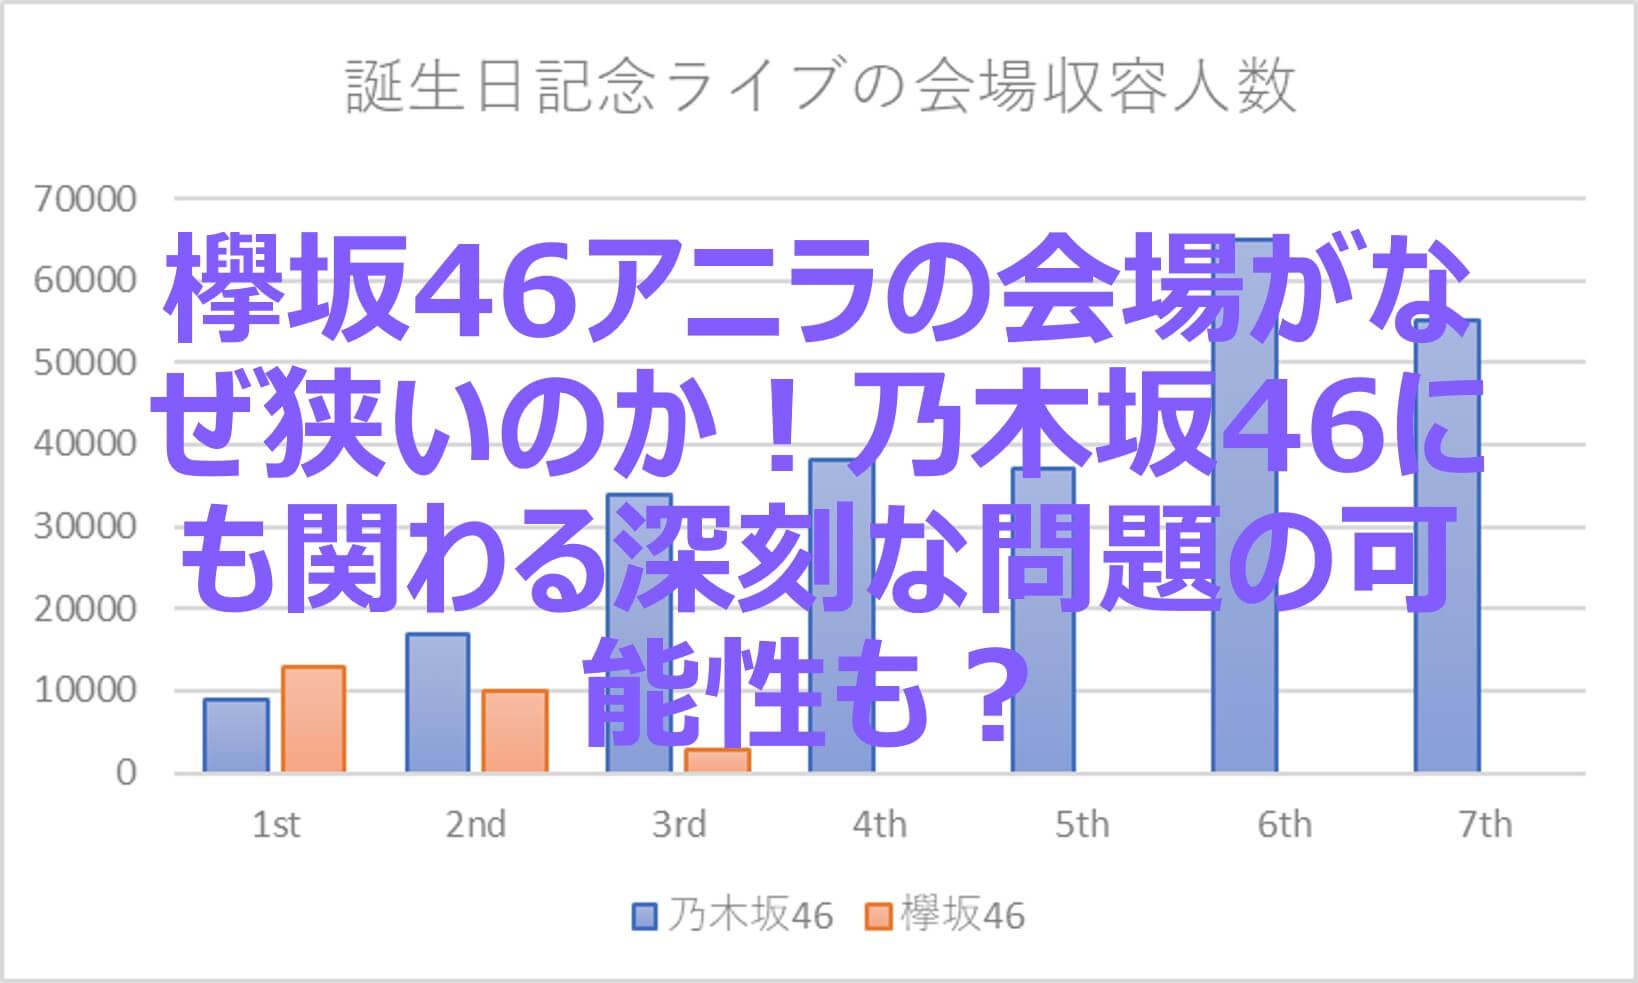 欅坂46アニラの大阪会場がなぜ狭いのか!乃木坂46にも関わる深刻な問題の可能性も?